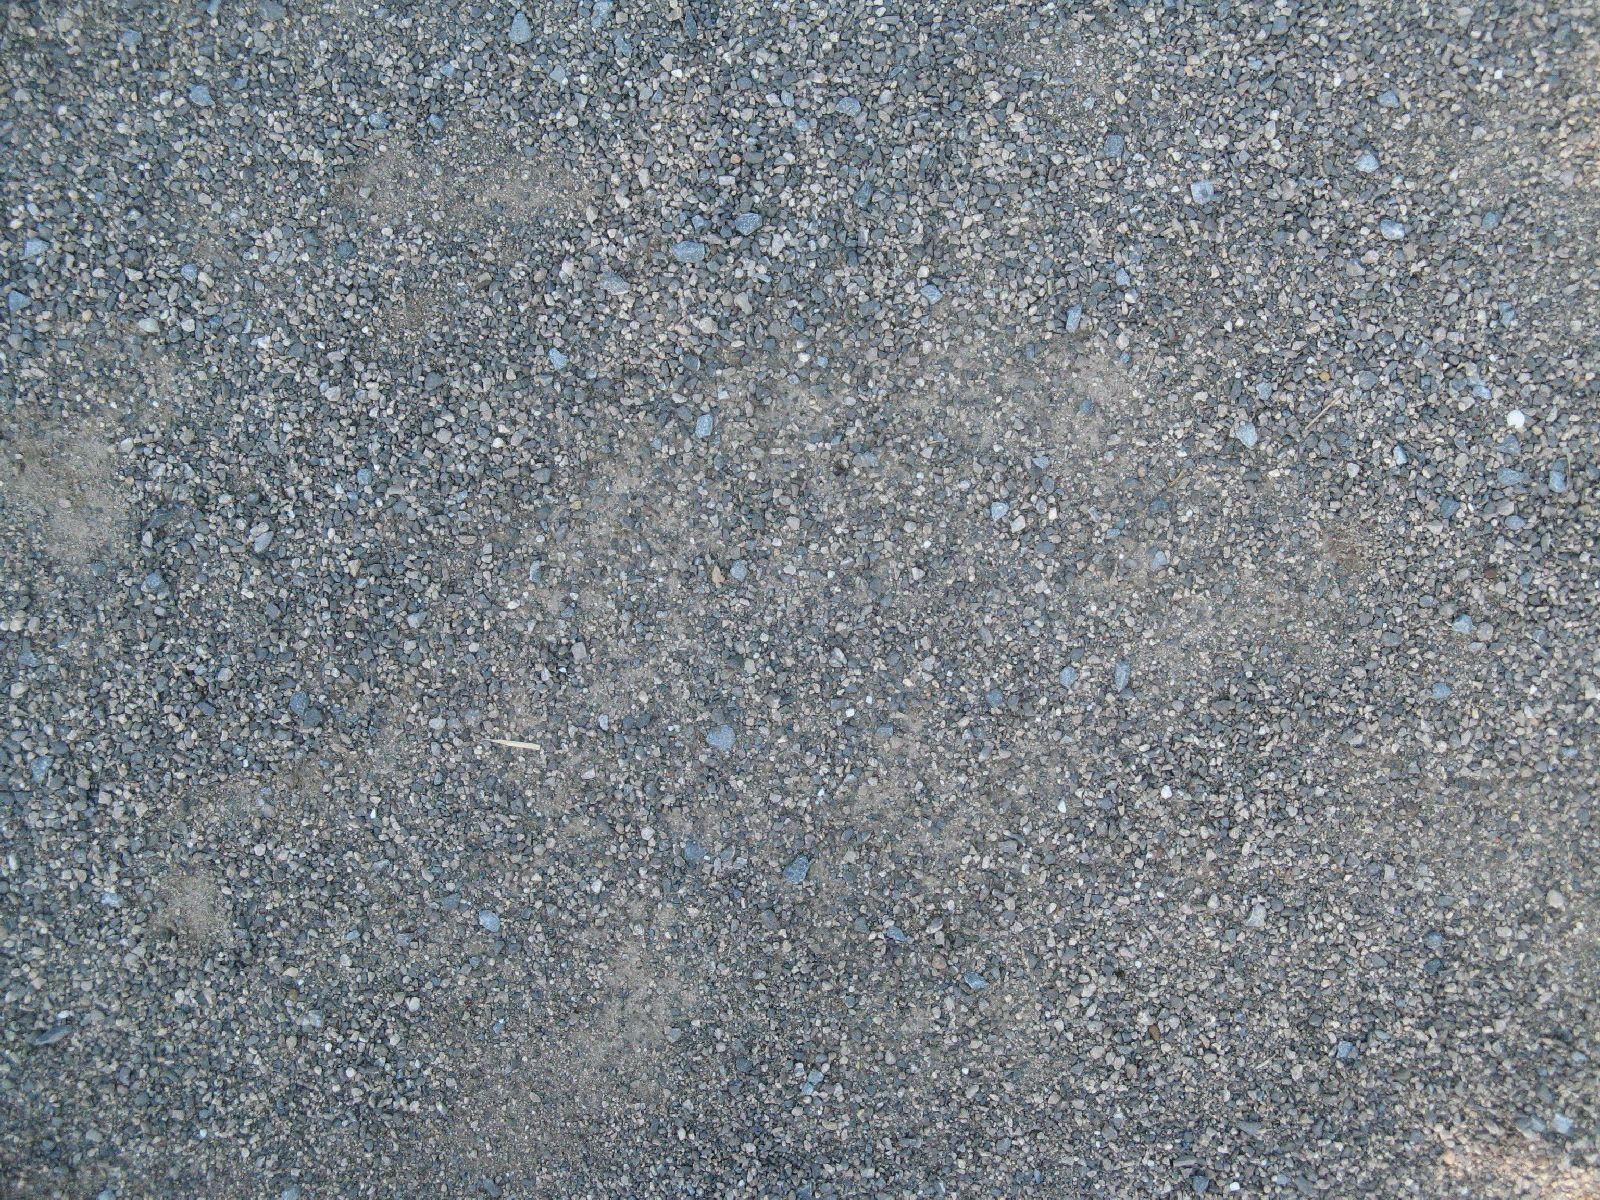 Ground-Urban_Texture_B_00862